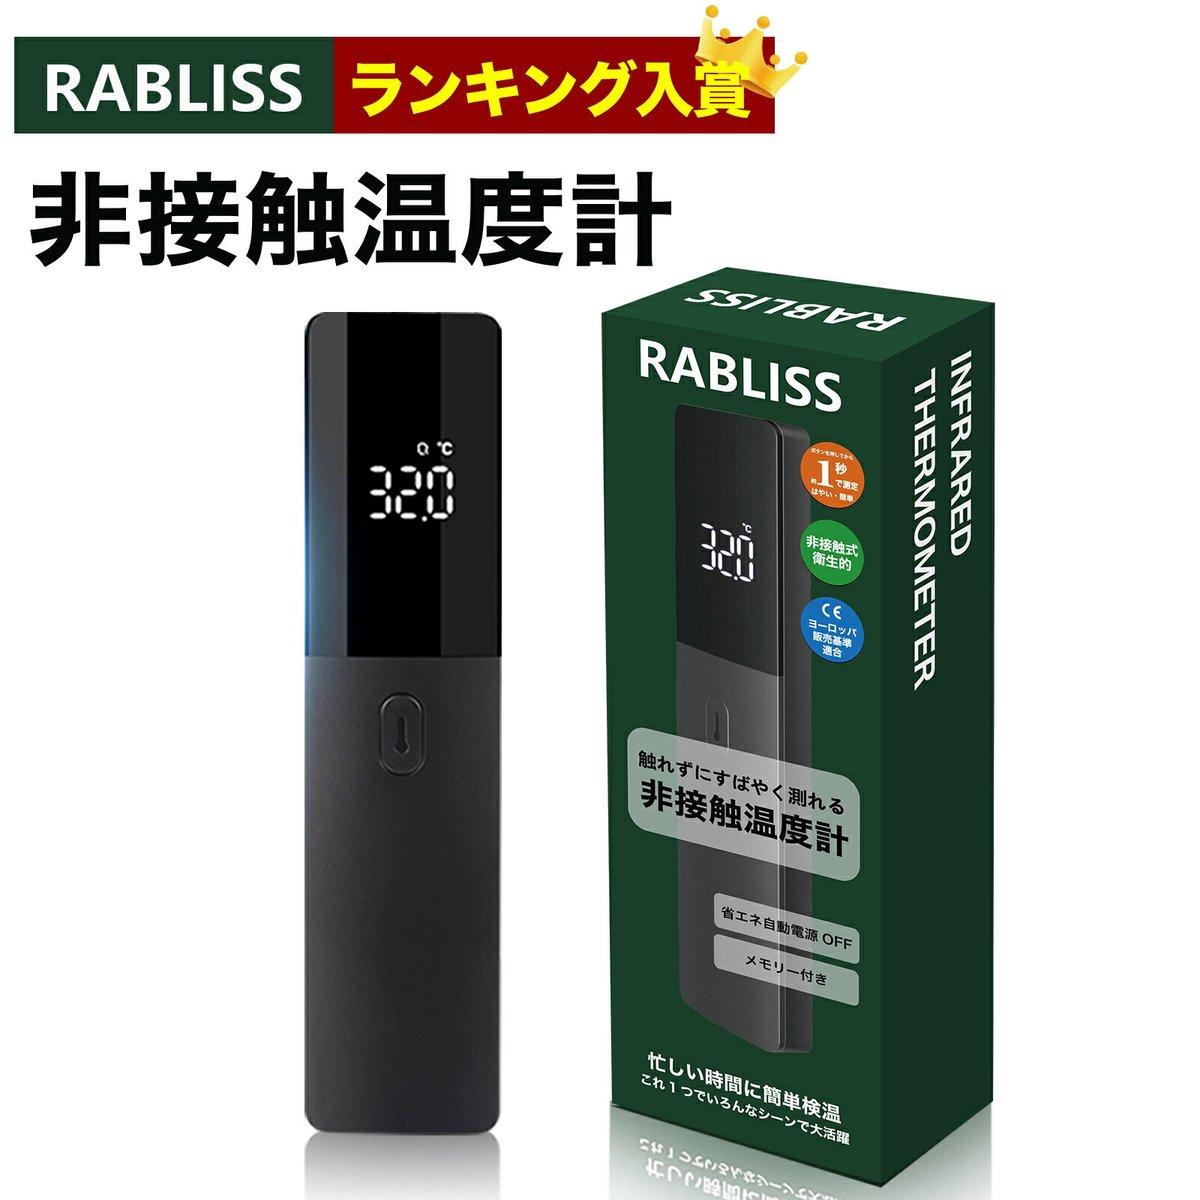 体温計 日本 医療 接触 非 製 用